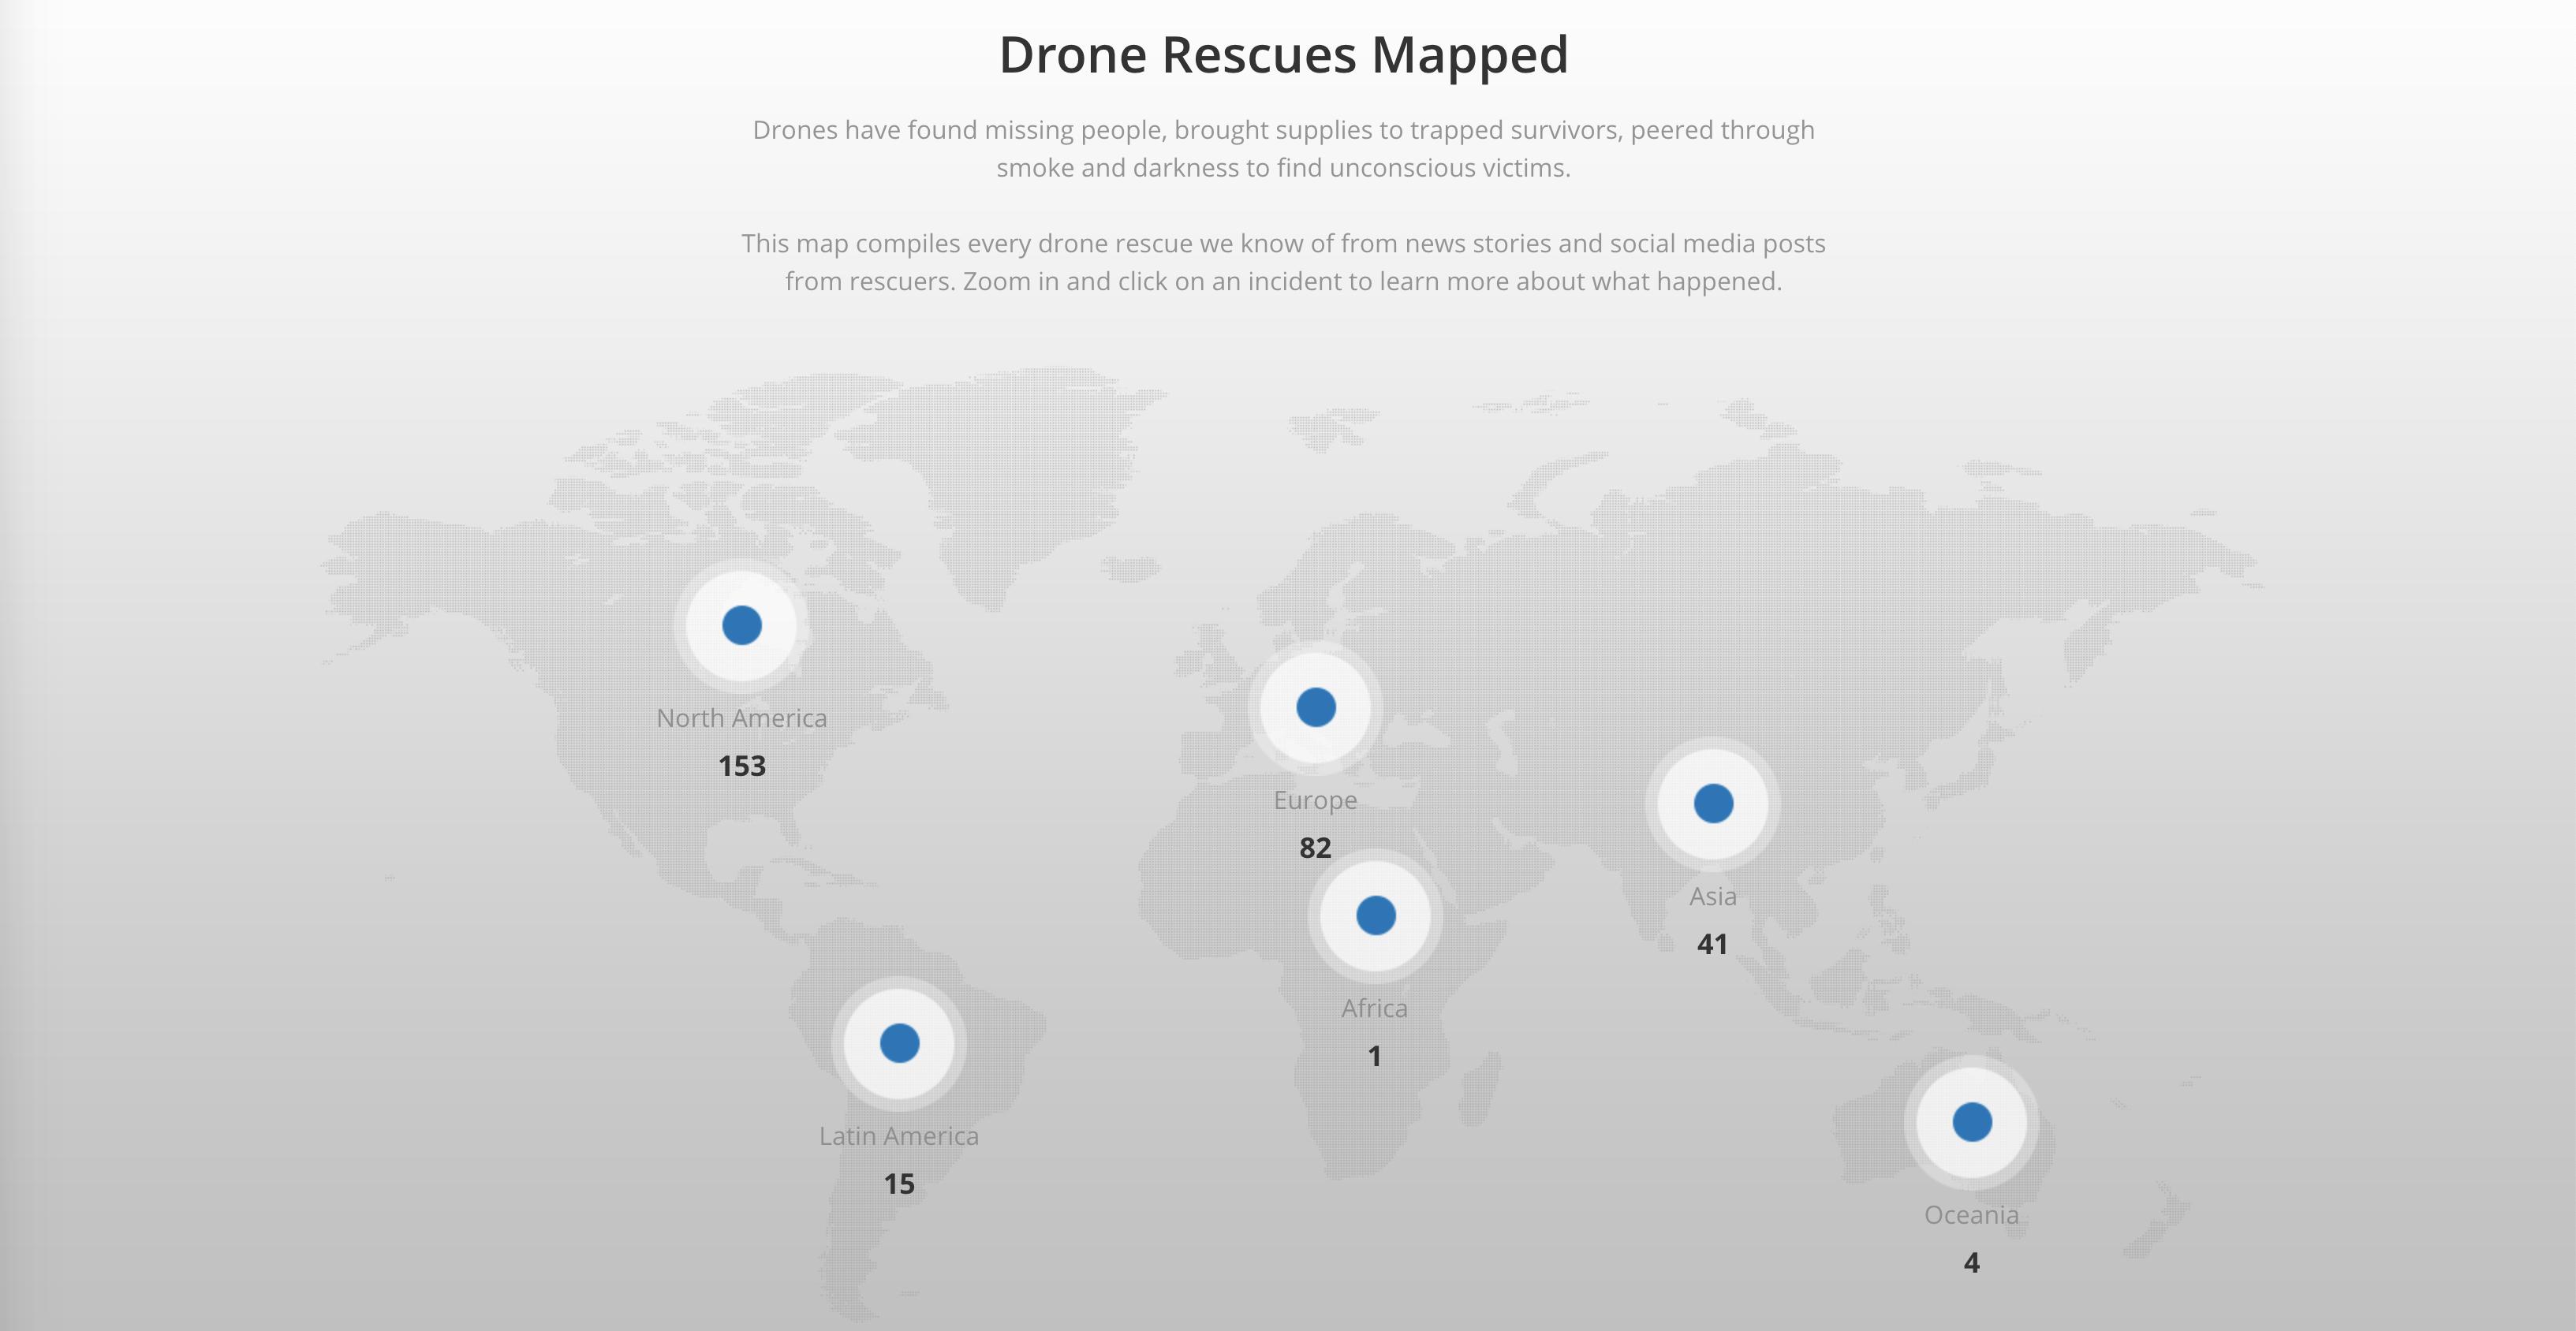 DJI 無人機協助救援 全球獲救人士超過 500 人